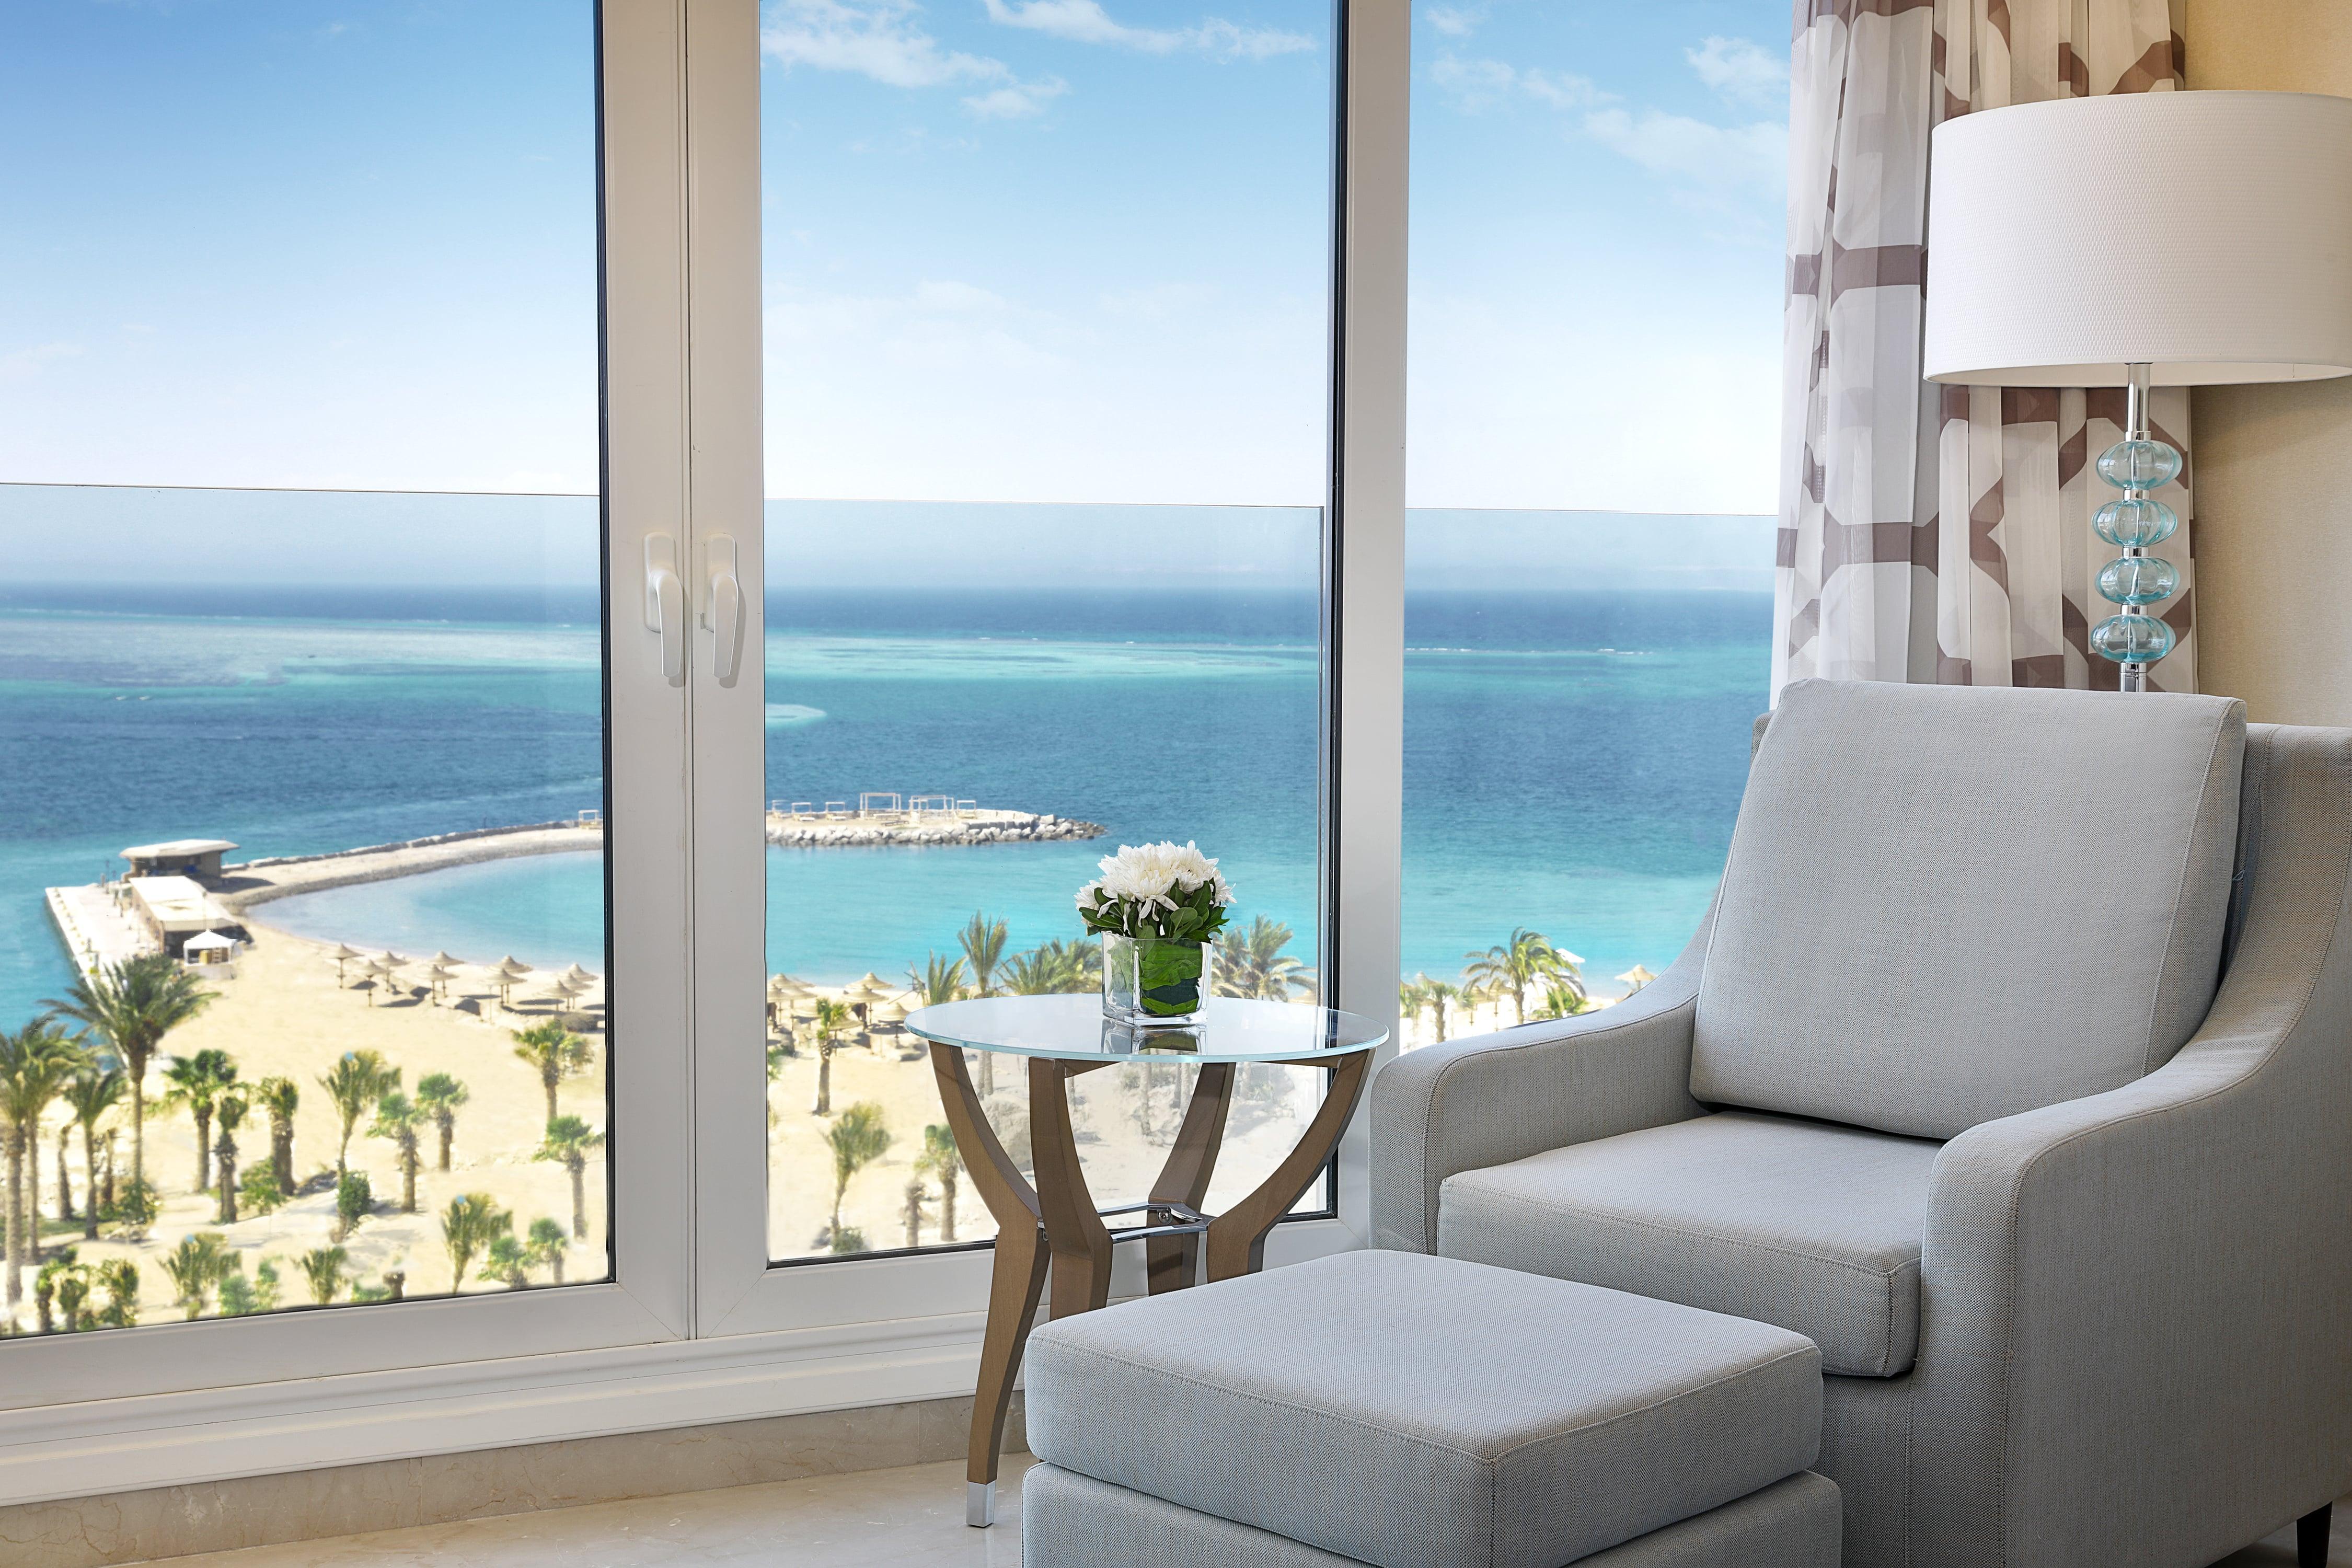 Moderan Hotel Sa Zadivljujućim Pogledom Na More